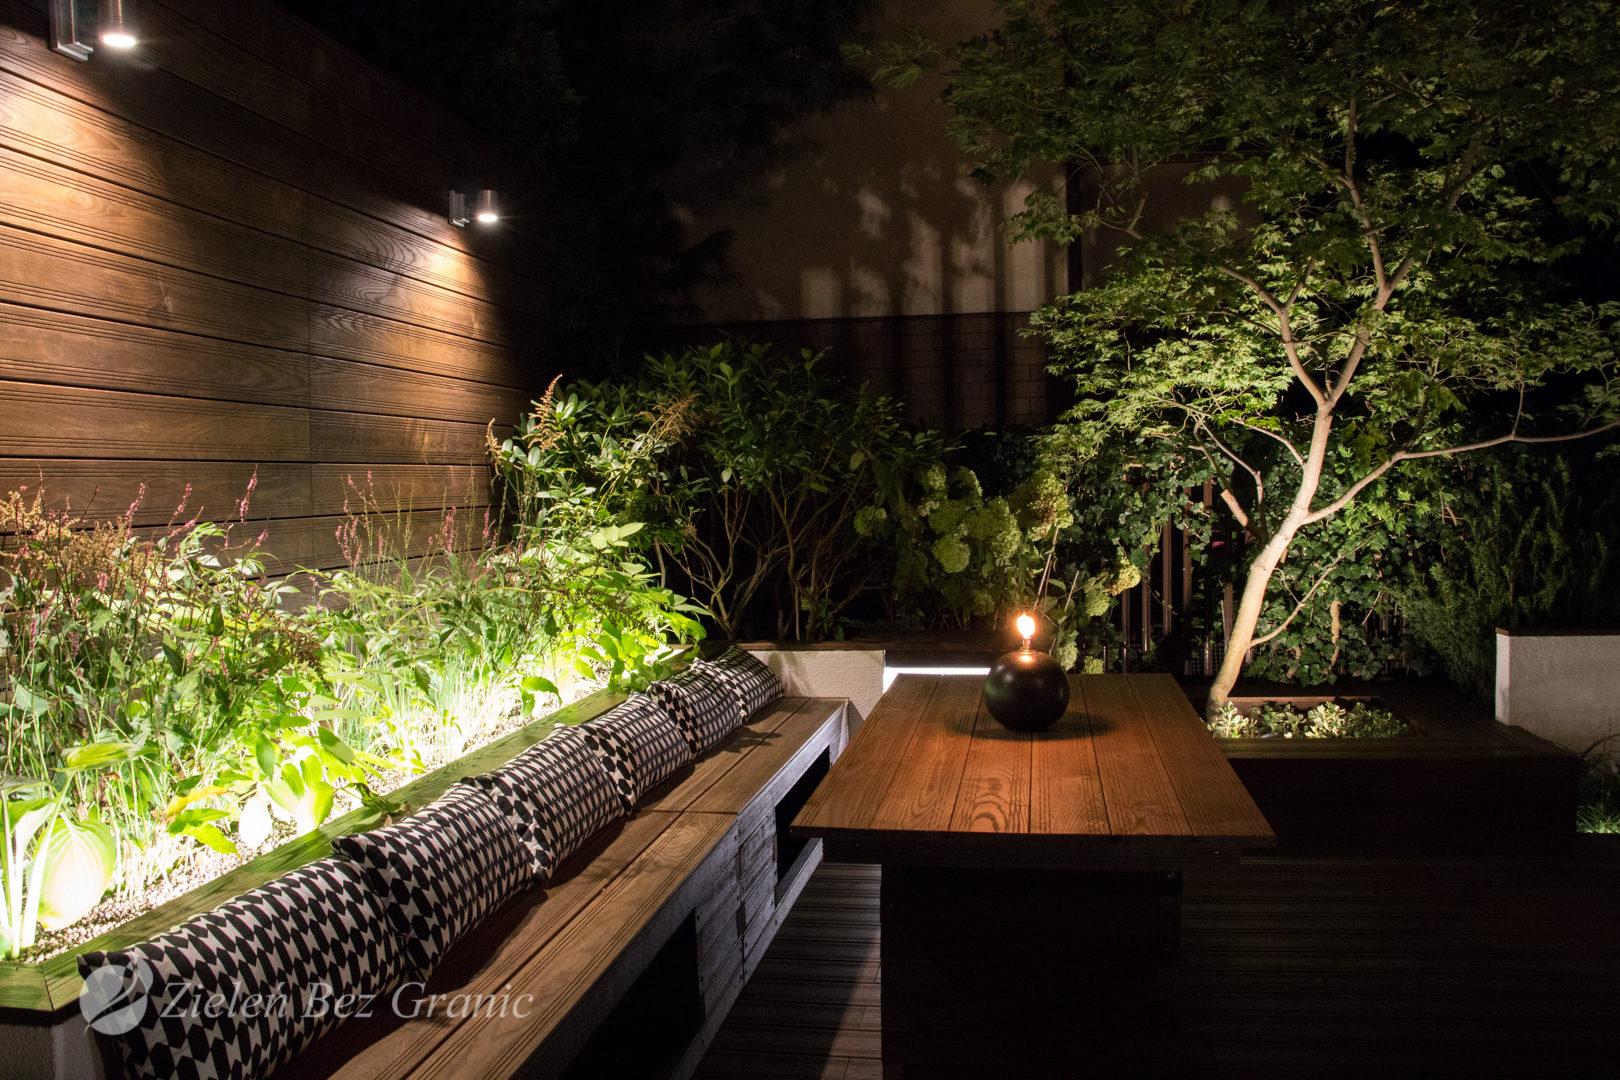 Odpowiednio skomponowane oświetlenie ogrodu